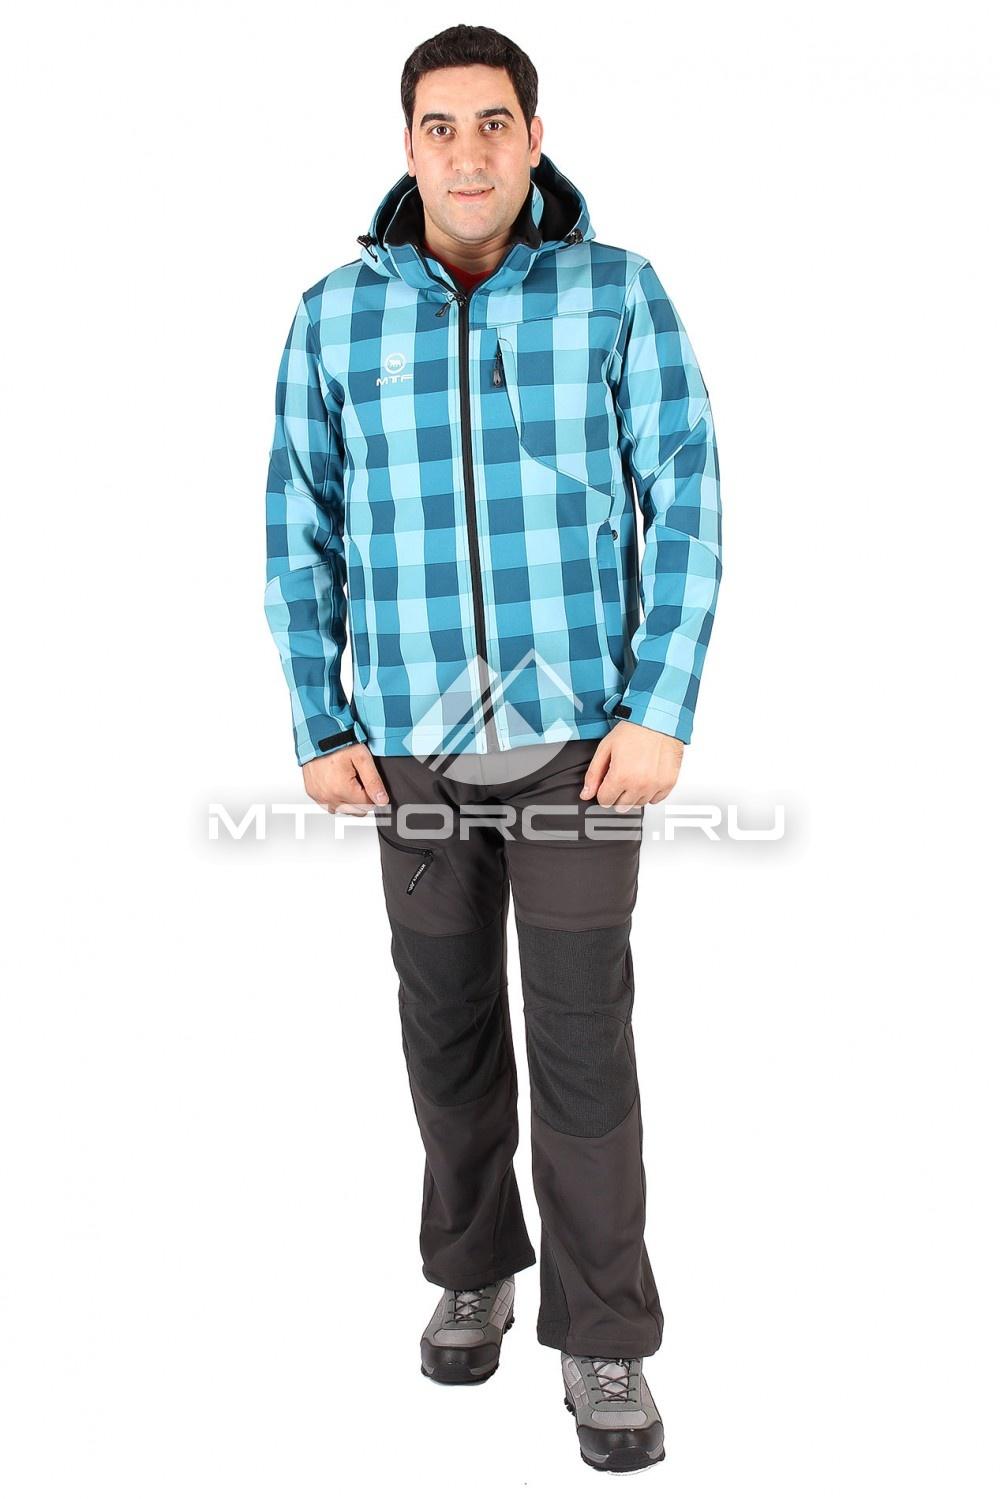 Купить                                  оптом Костюм виндстопер мужской бирюзового цвета 15220Br